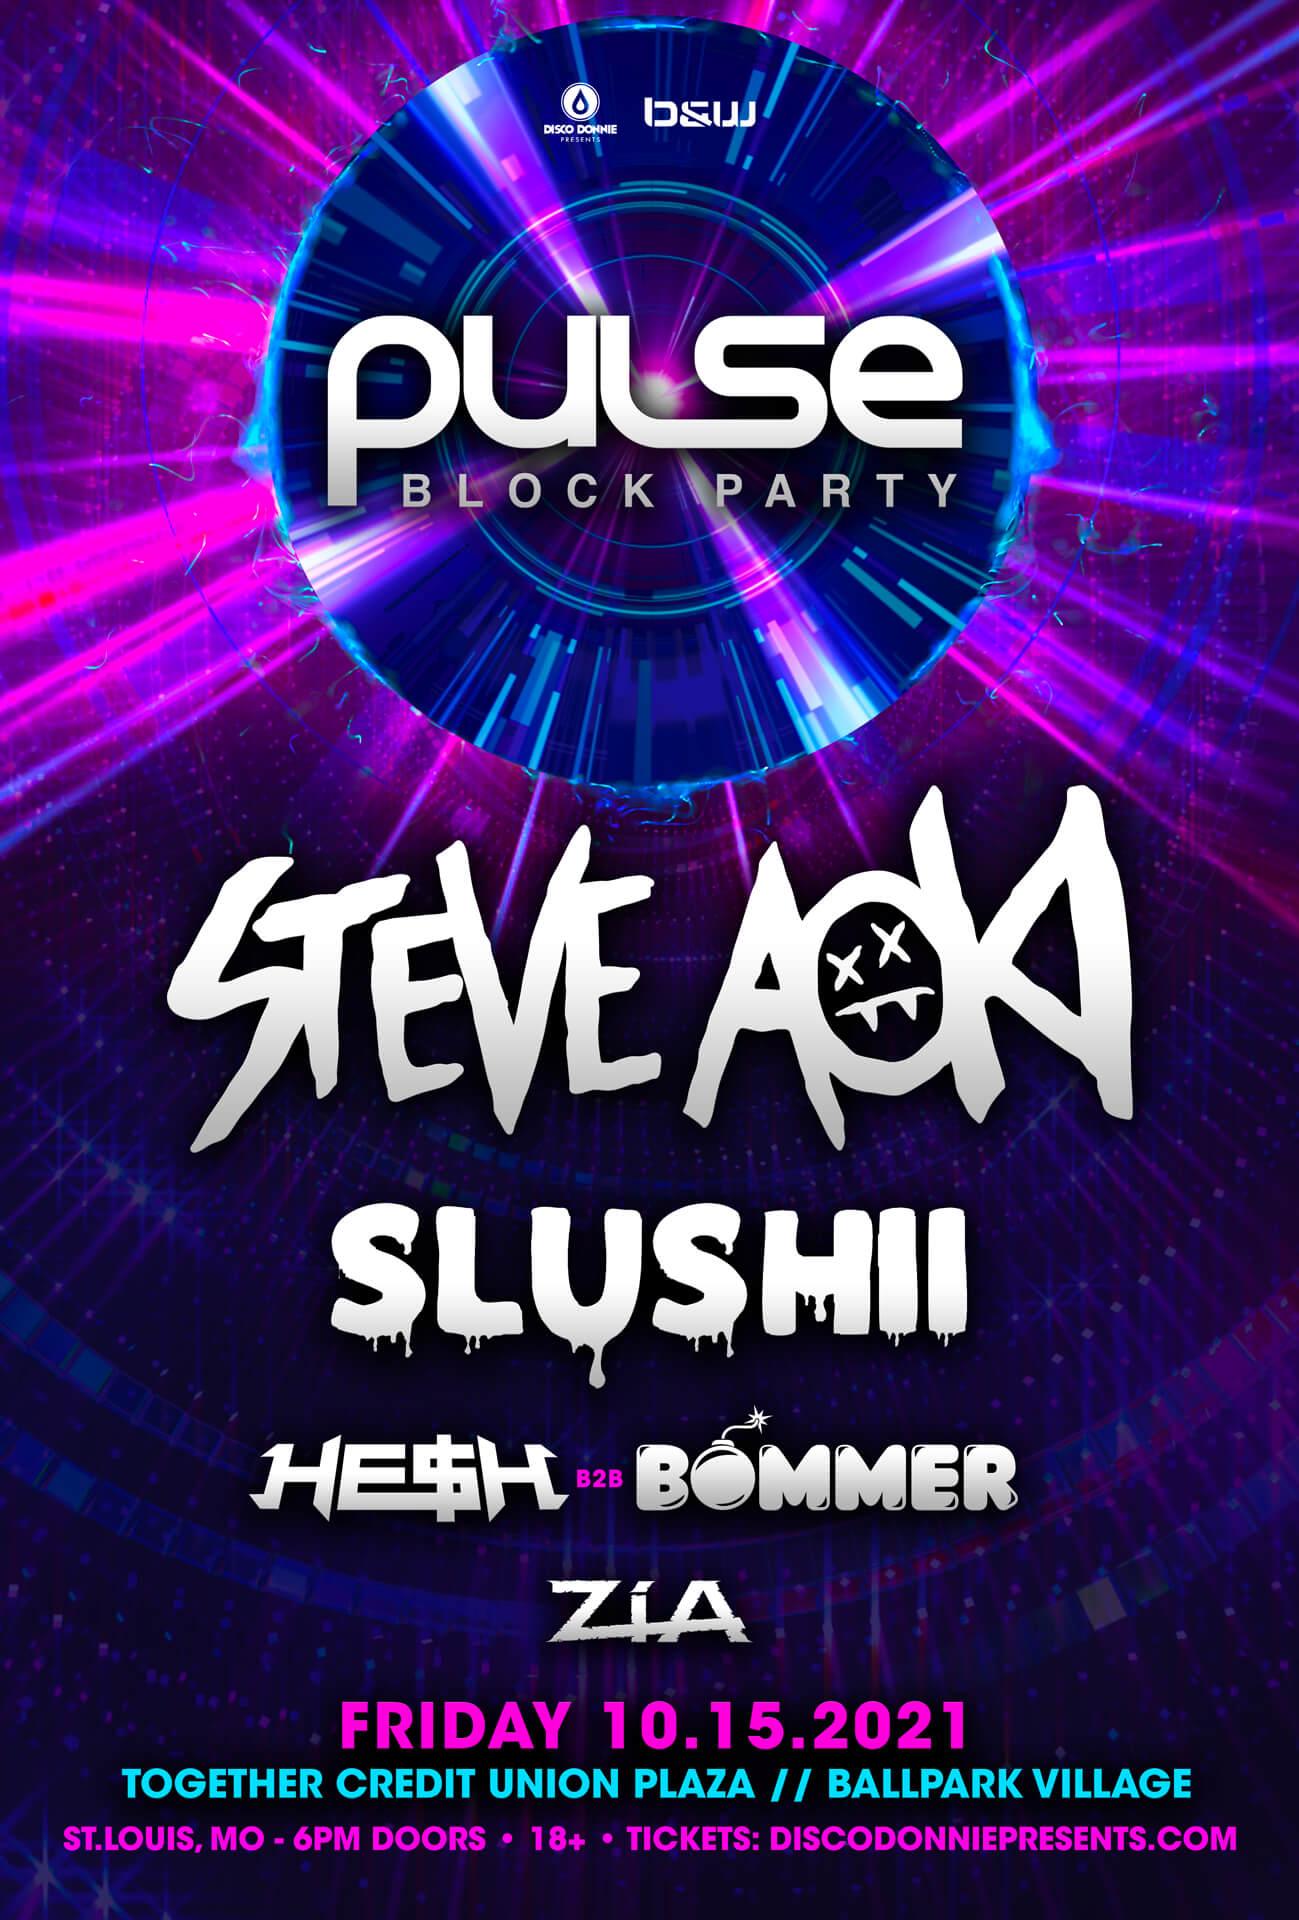 Steve Aoki, Slushii, HE$H, Bommer, Zia in St Louis